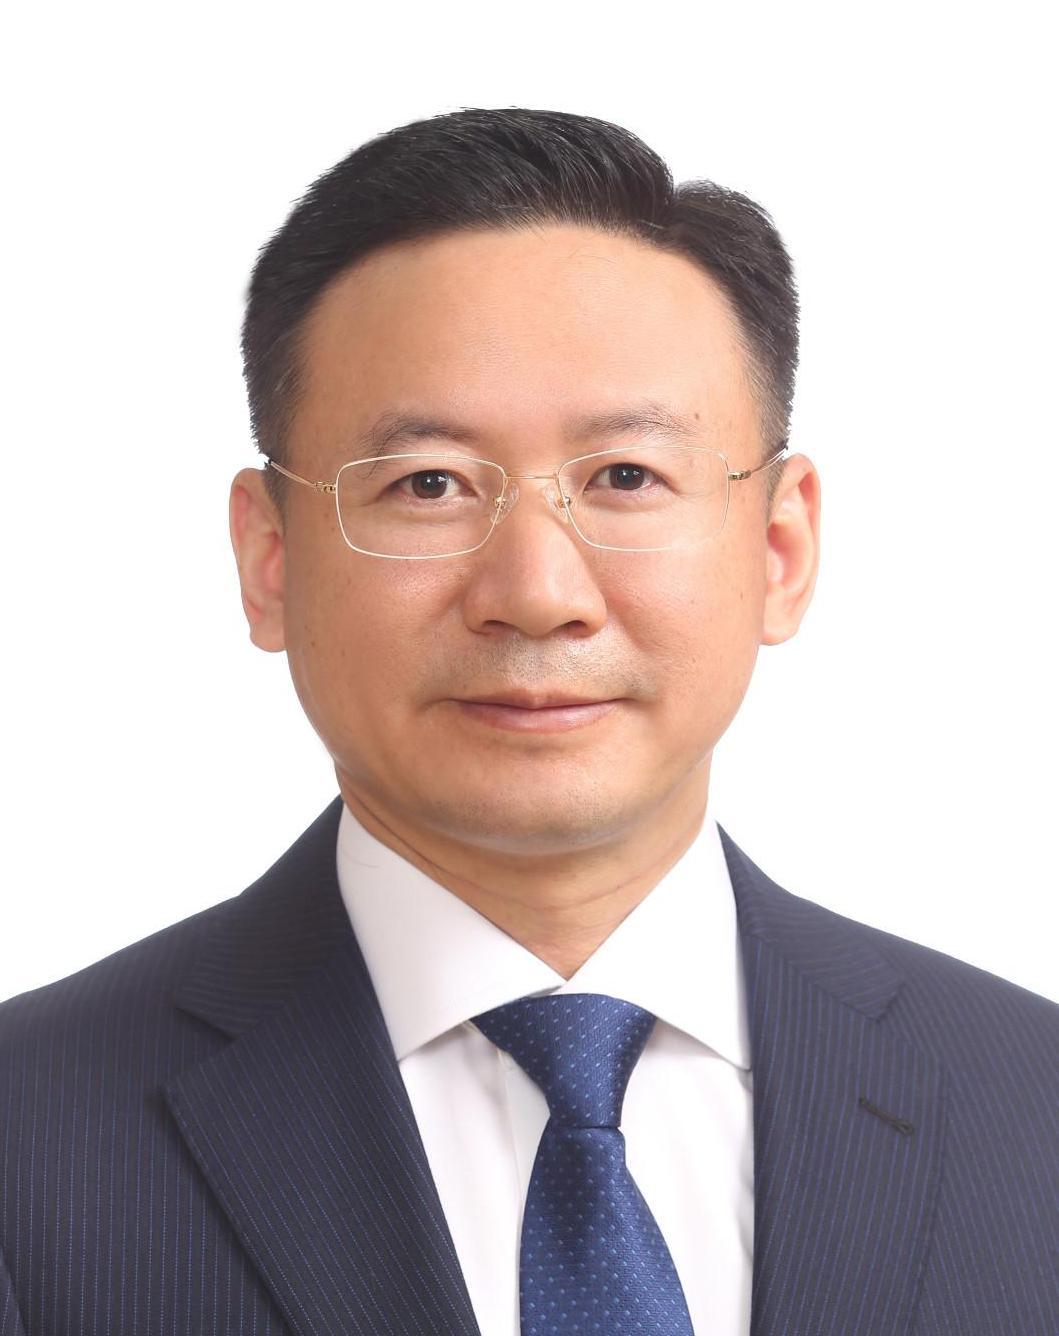 外汇管理局副局长张新履新广东省副省长(图/简历)